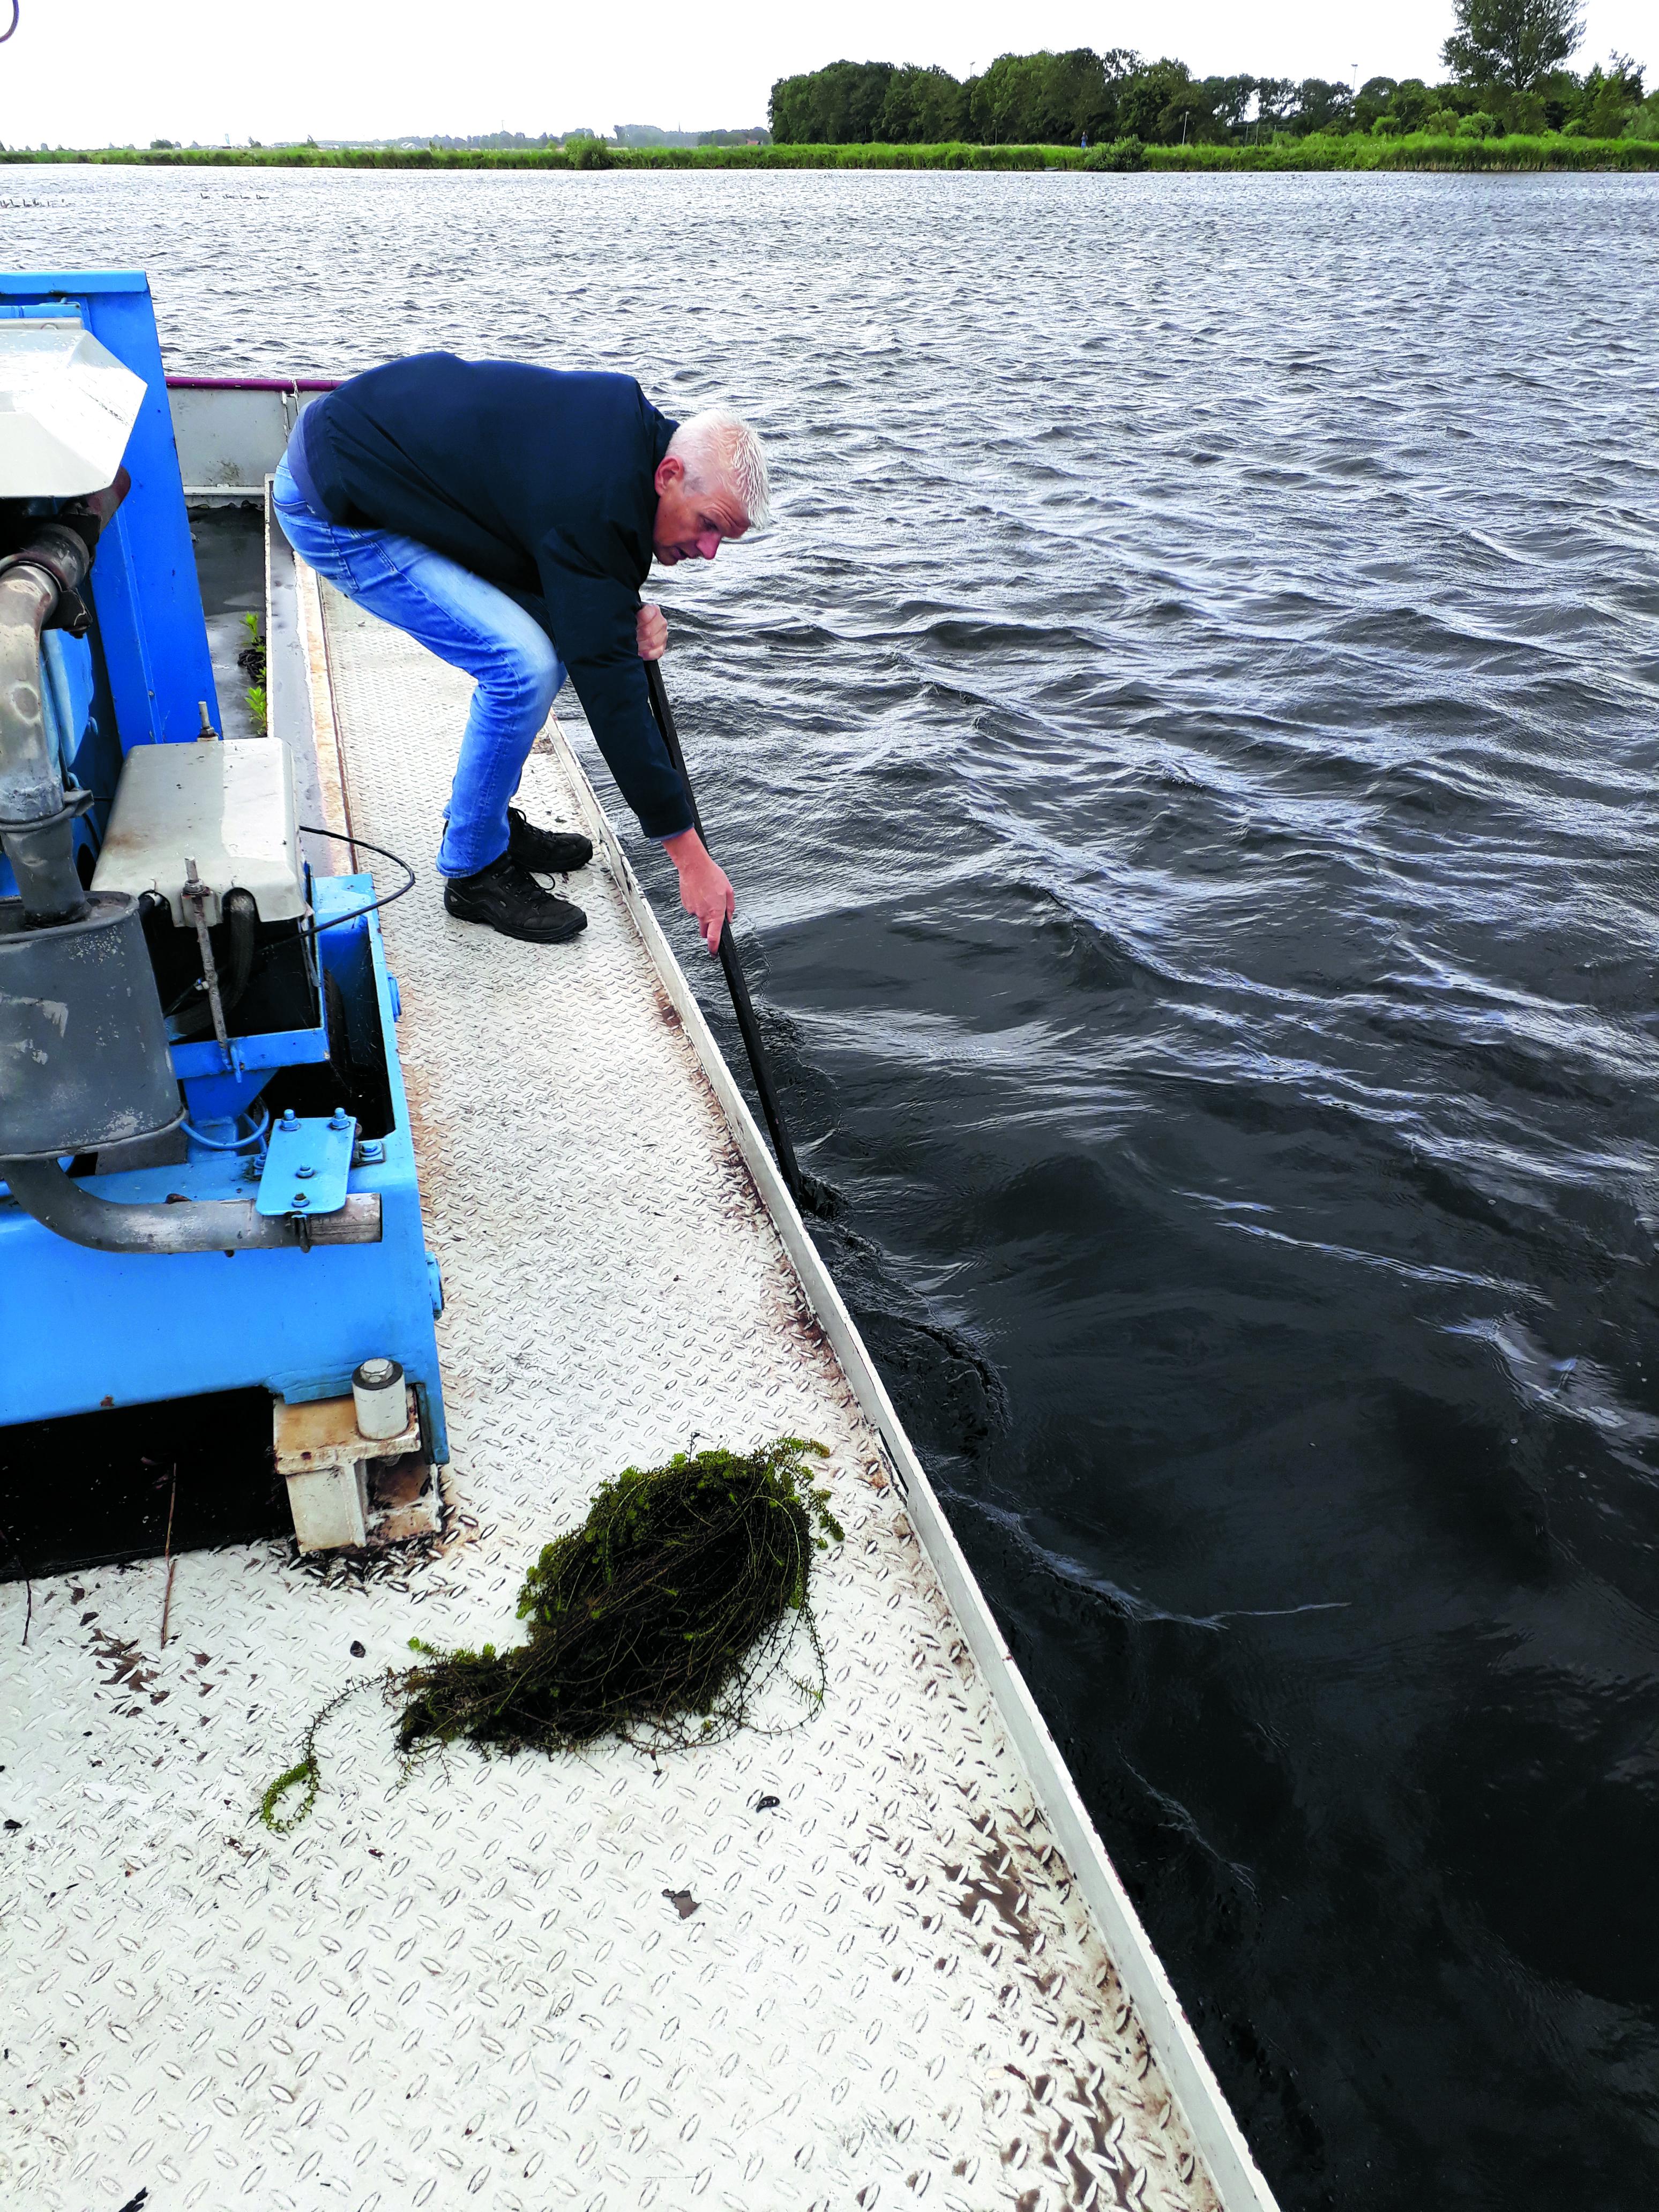 Op vele plekken in Nederland hebben waterrijke gebieden zoals het Alkmaarder- en Uitgeestermeer last van explosief groeiende waterplanten. (foto aangeleverd)